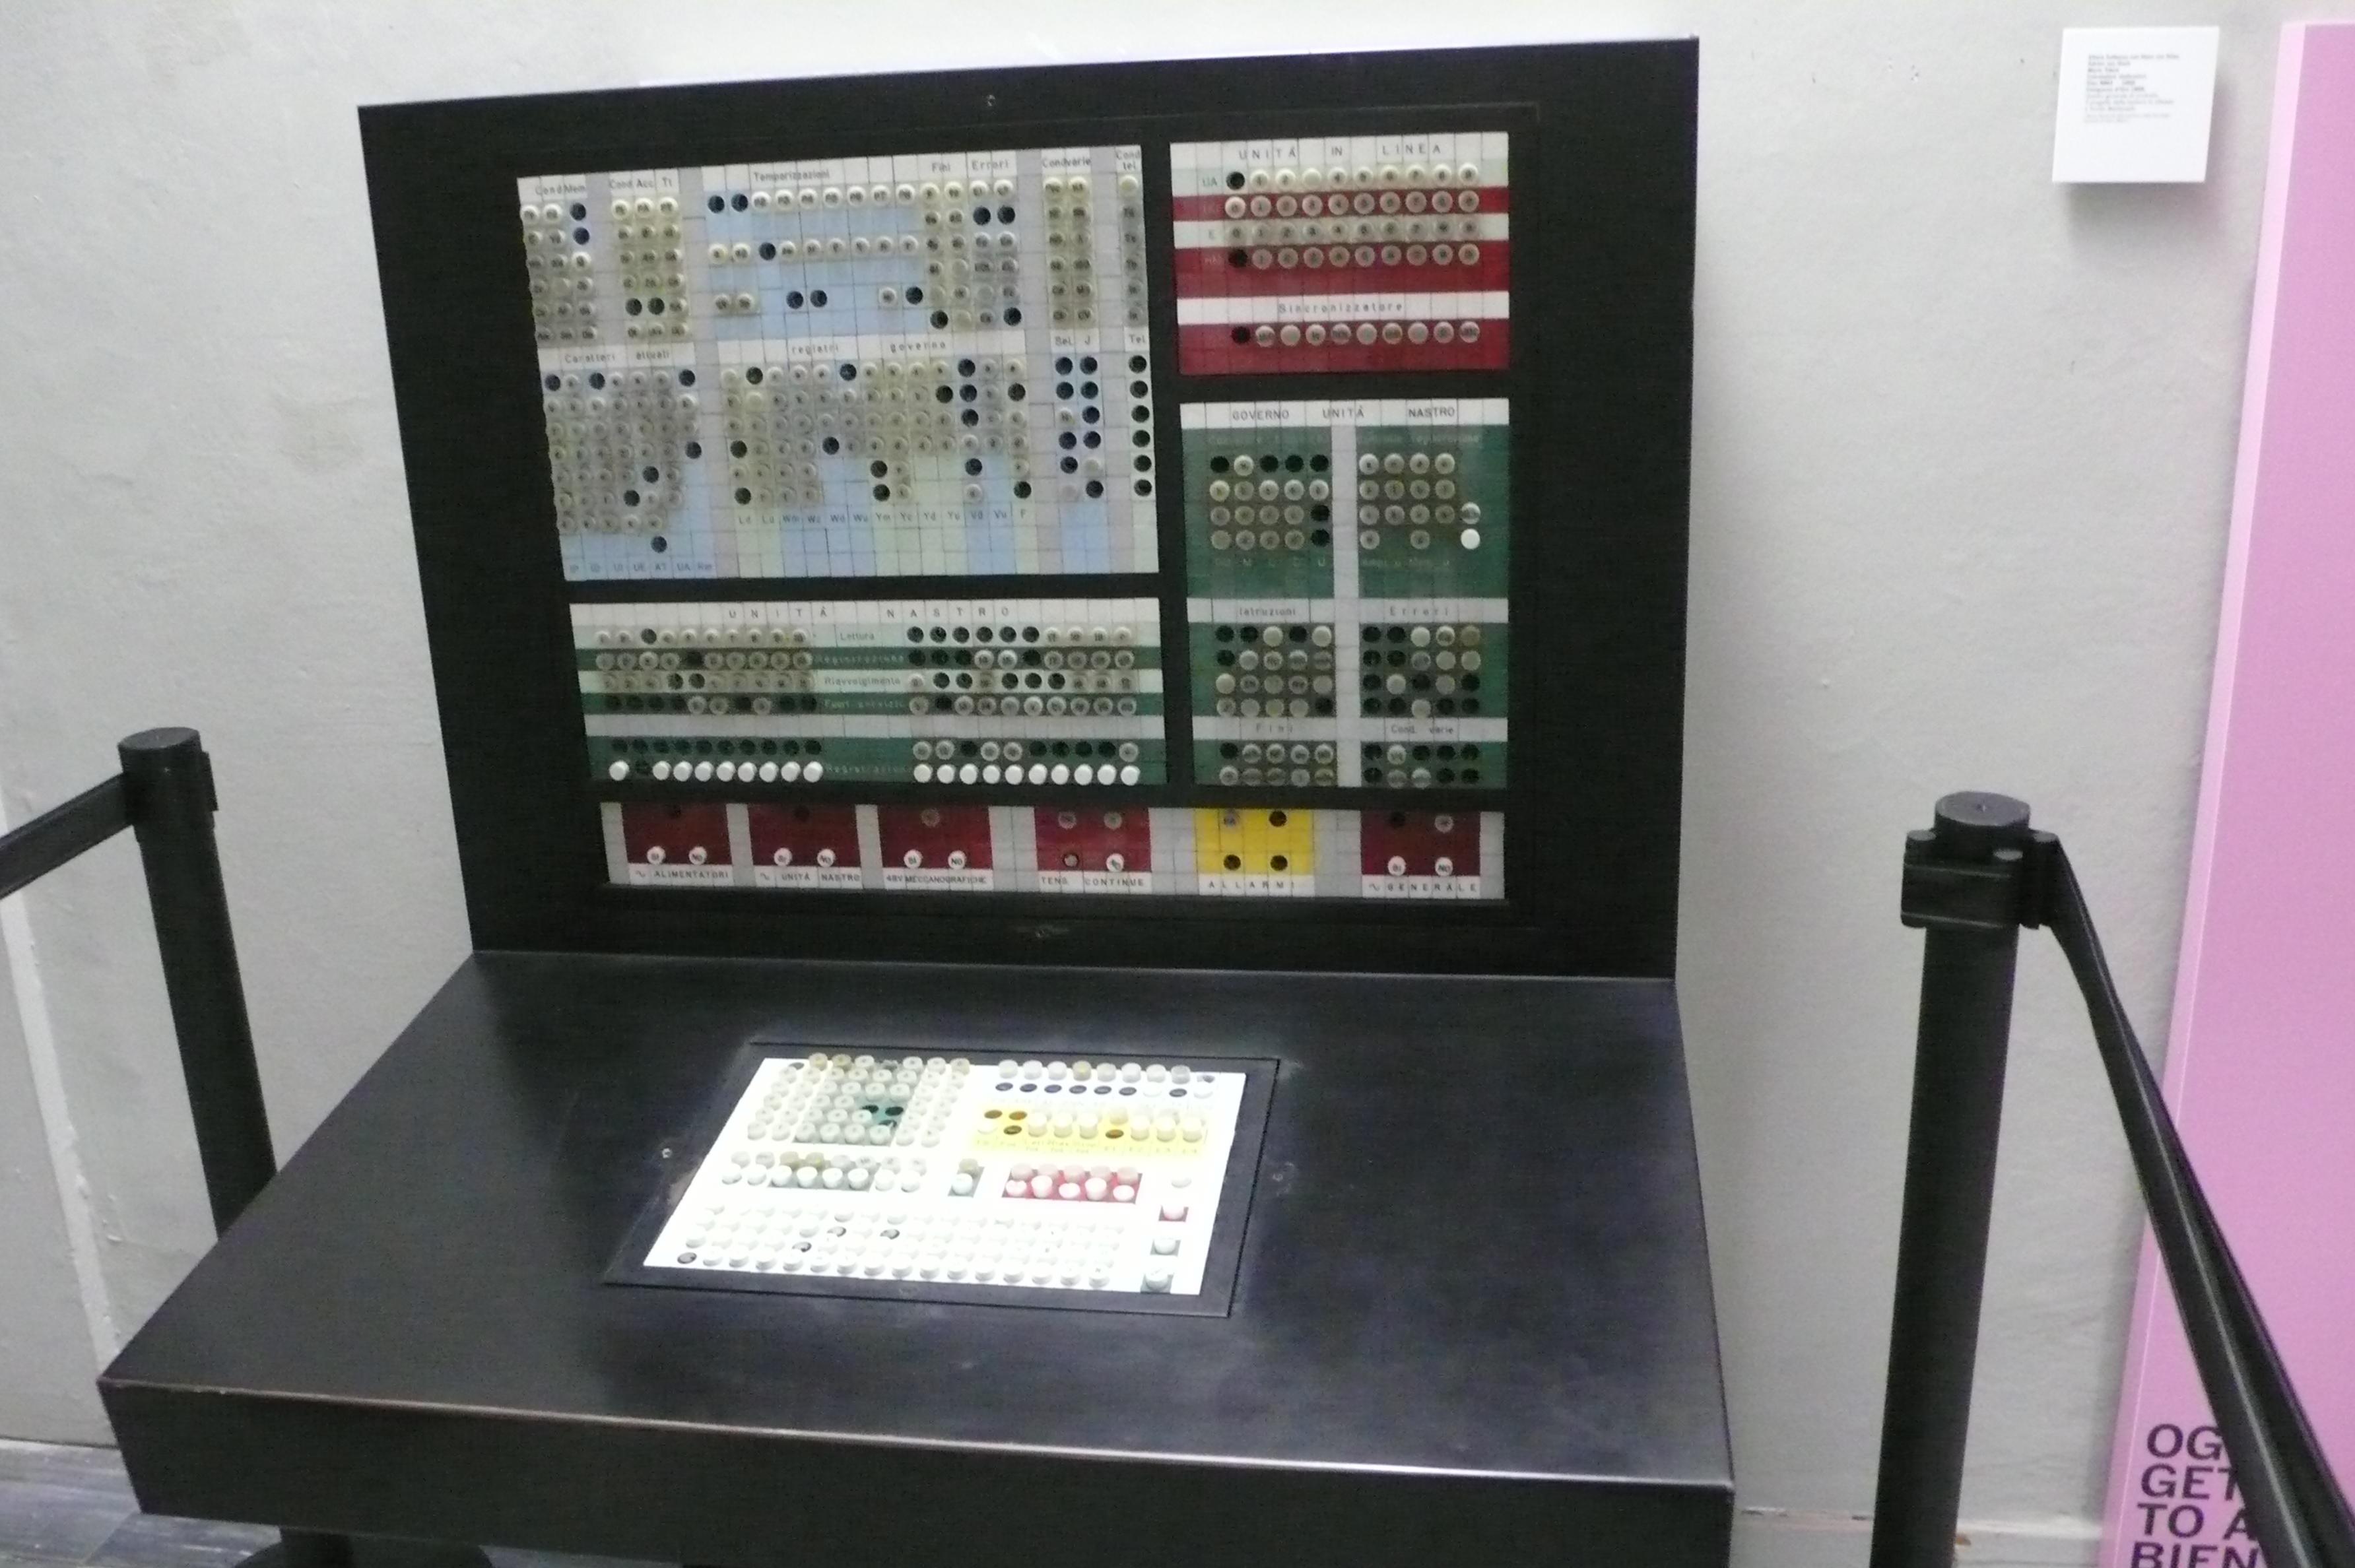 Großrechner Elea 9003 von 1957